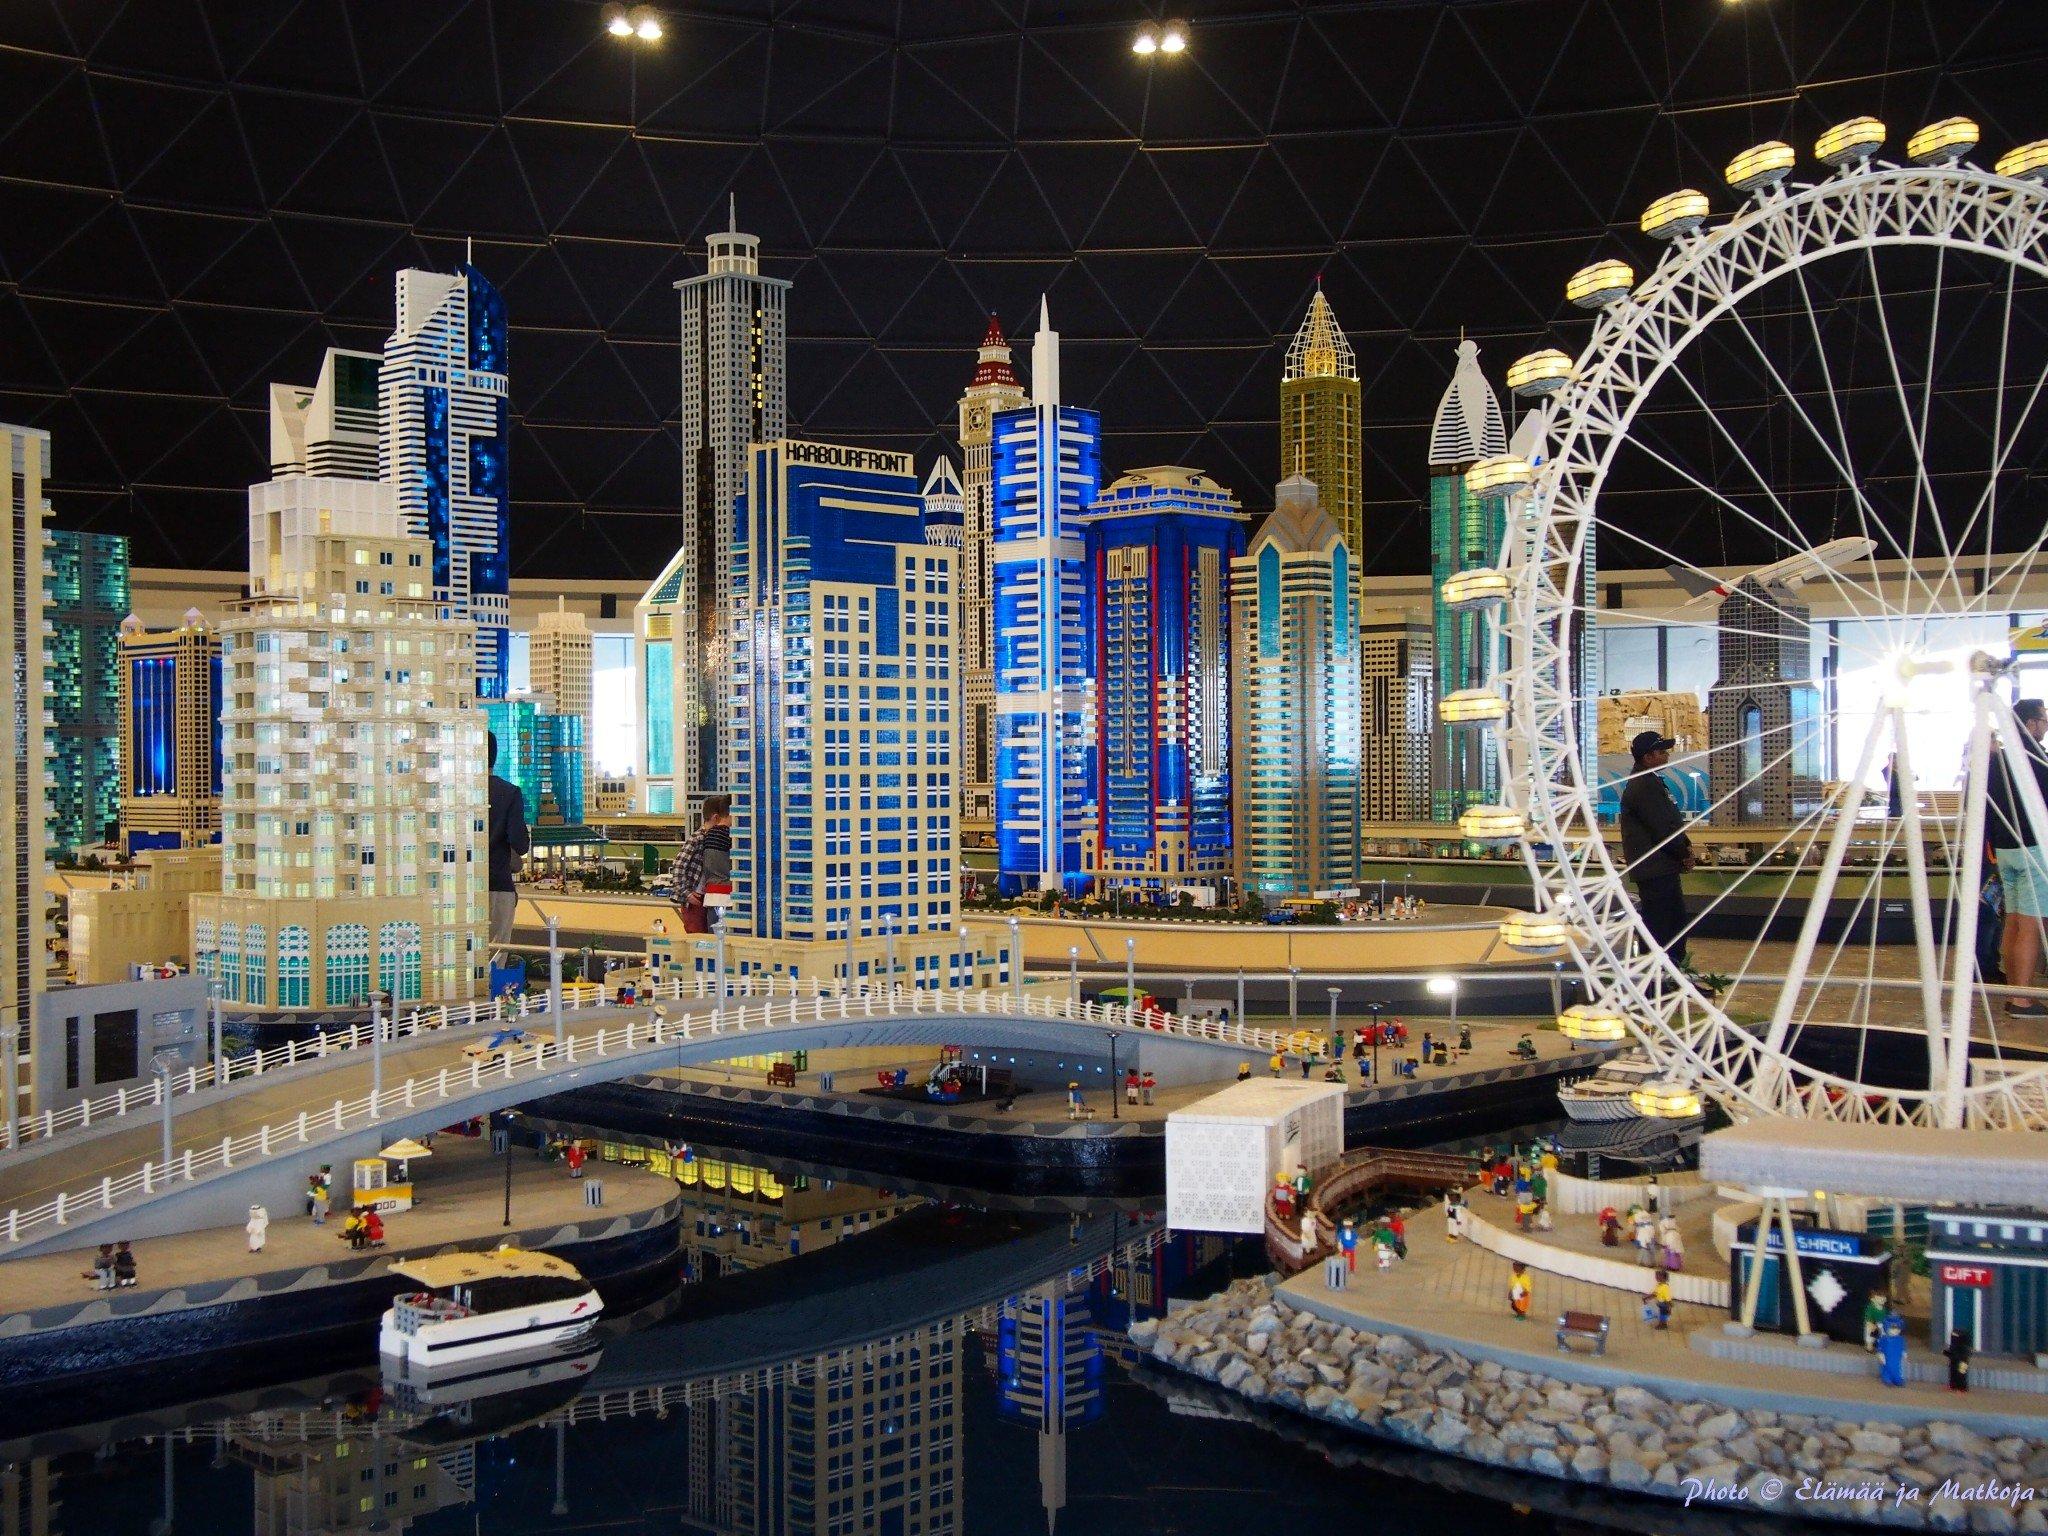 Legoland Dubai 4 Photo © Elämää ja Matkoja